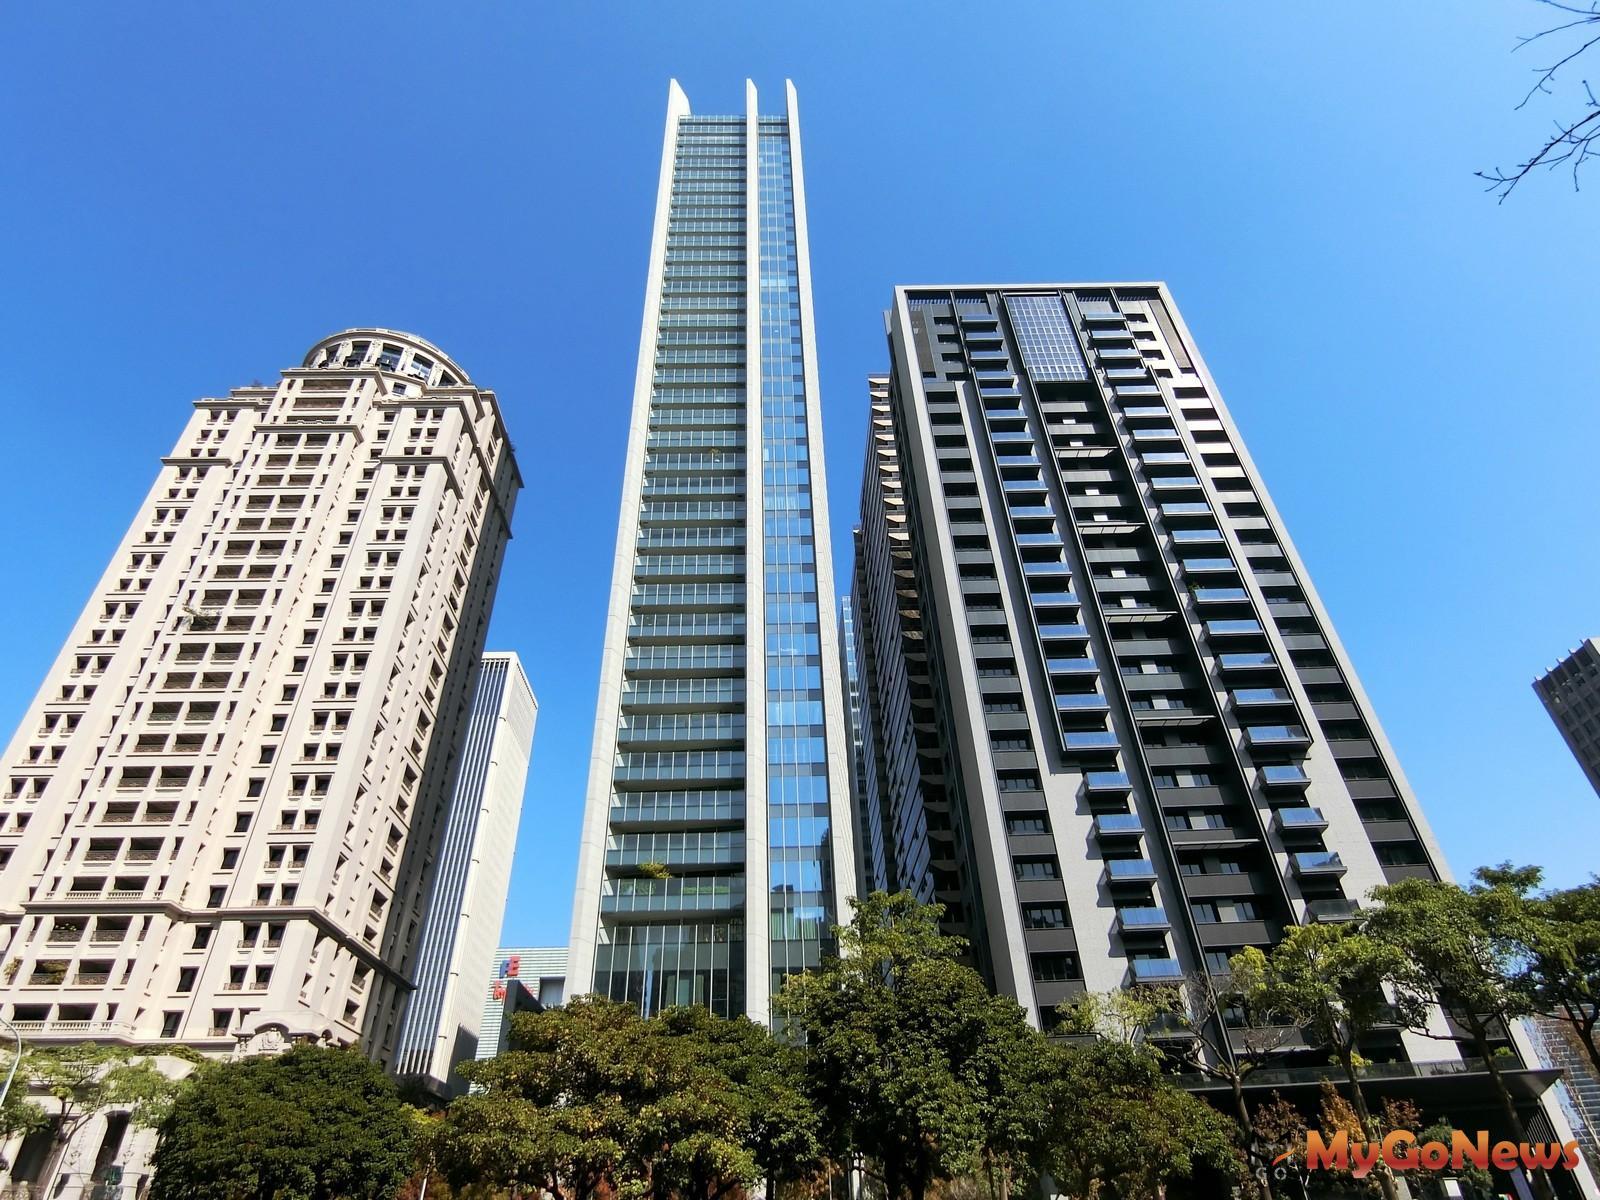 豪宅「宝格」(中央建物)的基地部分土地,是台中首見300萬單價的精華地。(台灣房屋集團趨勢中心提供) MyGoNews房地產新聞 市場快訊